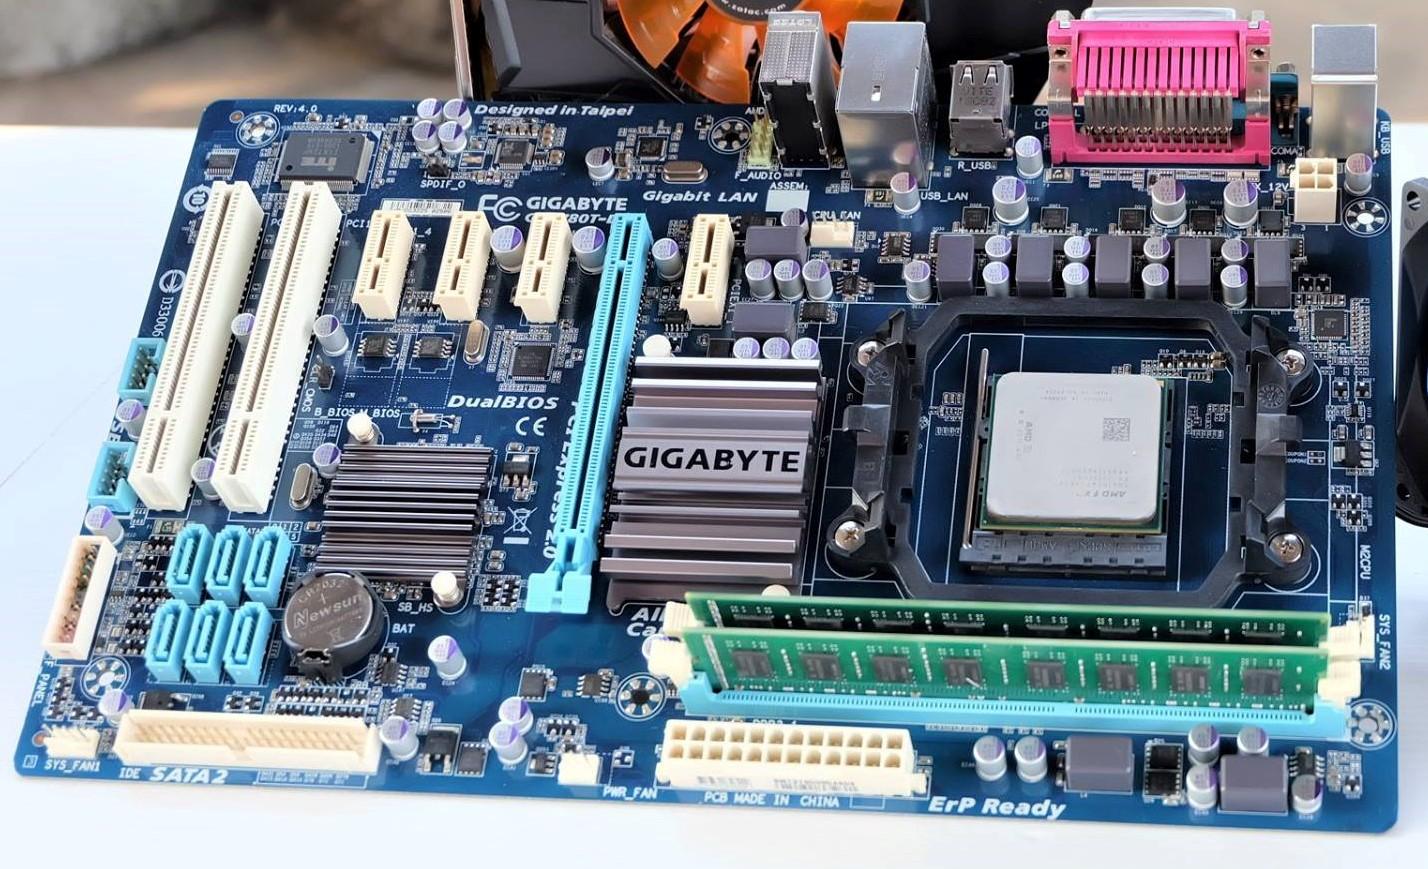 AMD FX 8300 3.3Ghz (4.2Ghz) / Gigabyte 780T-D3L